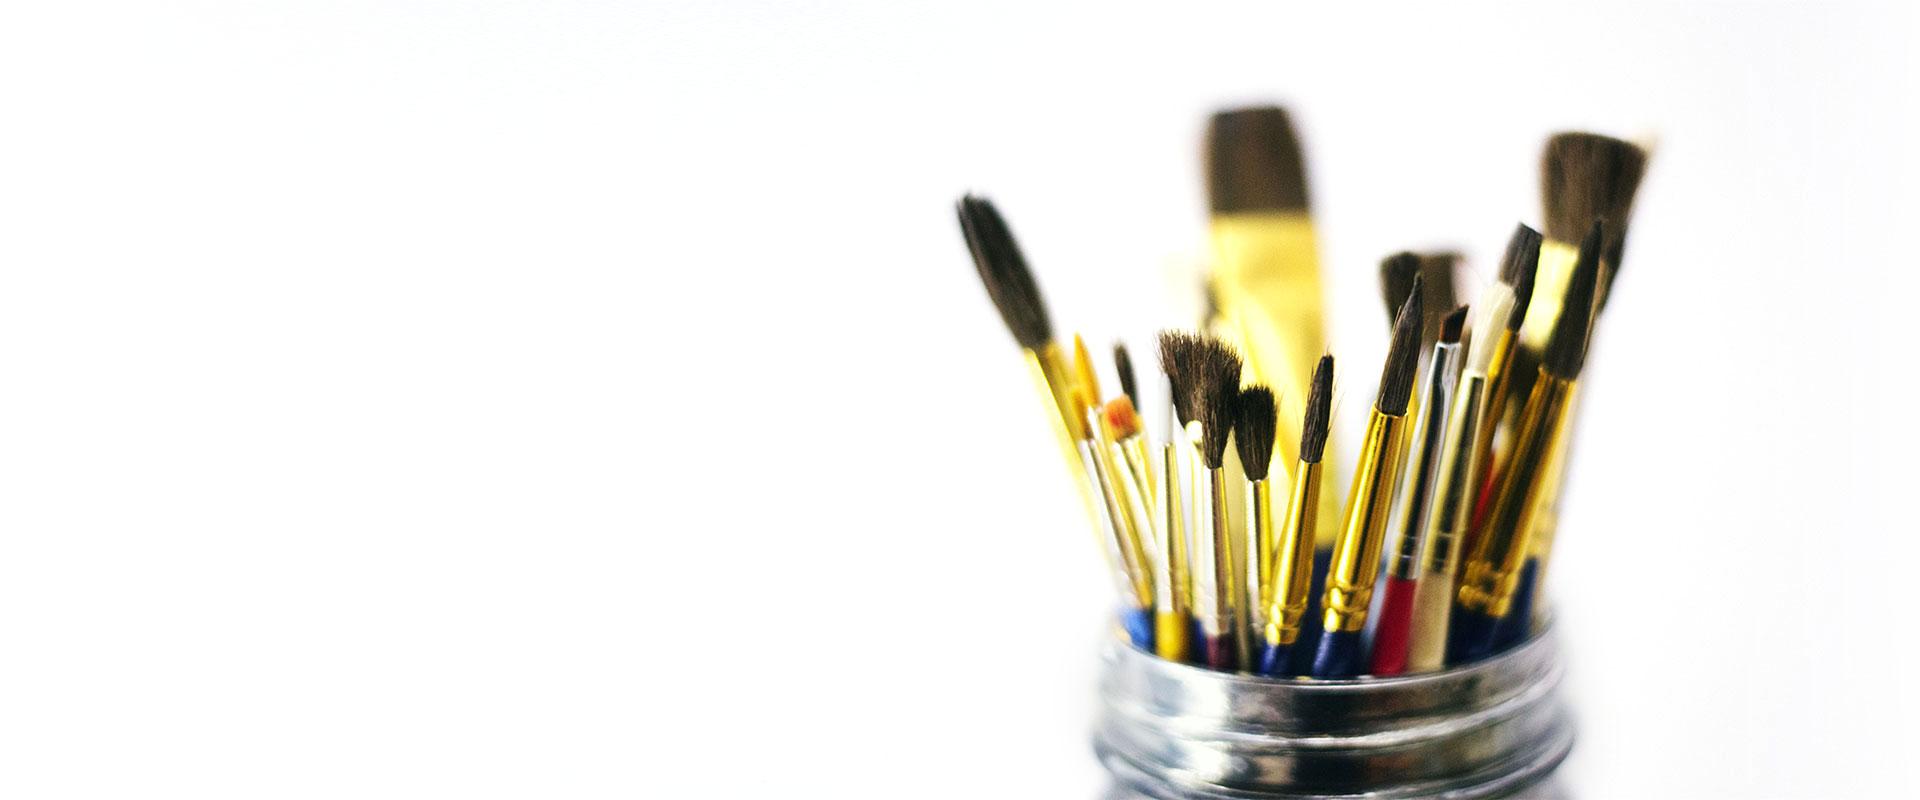 Art Faces Studio